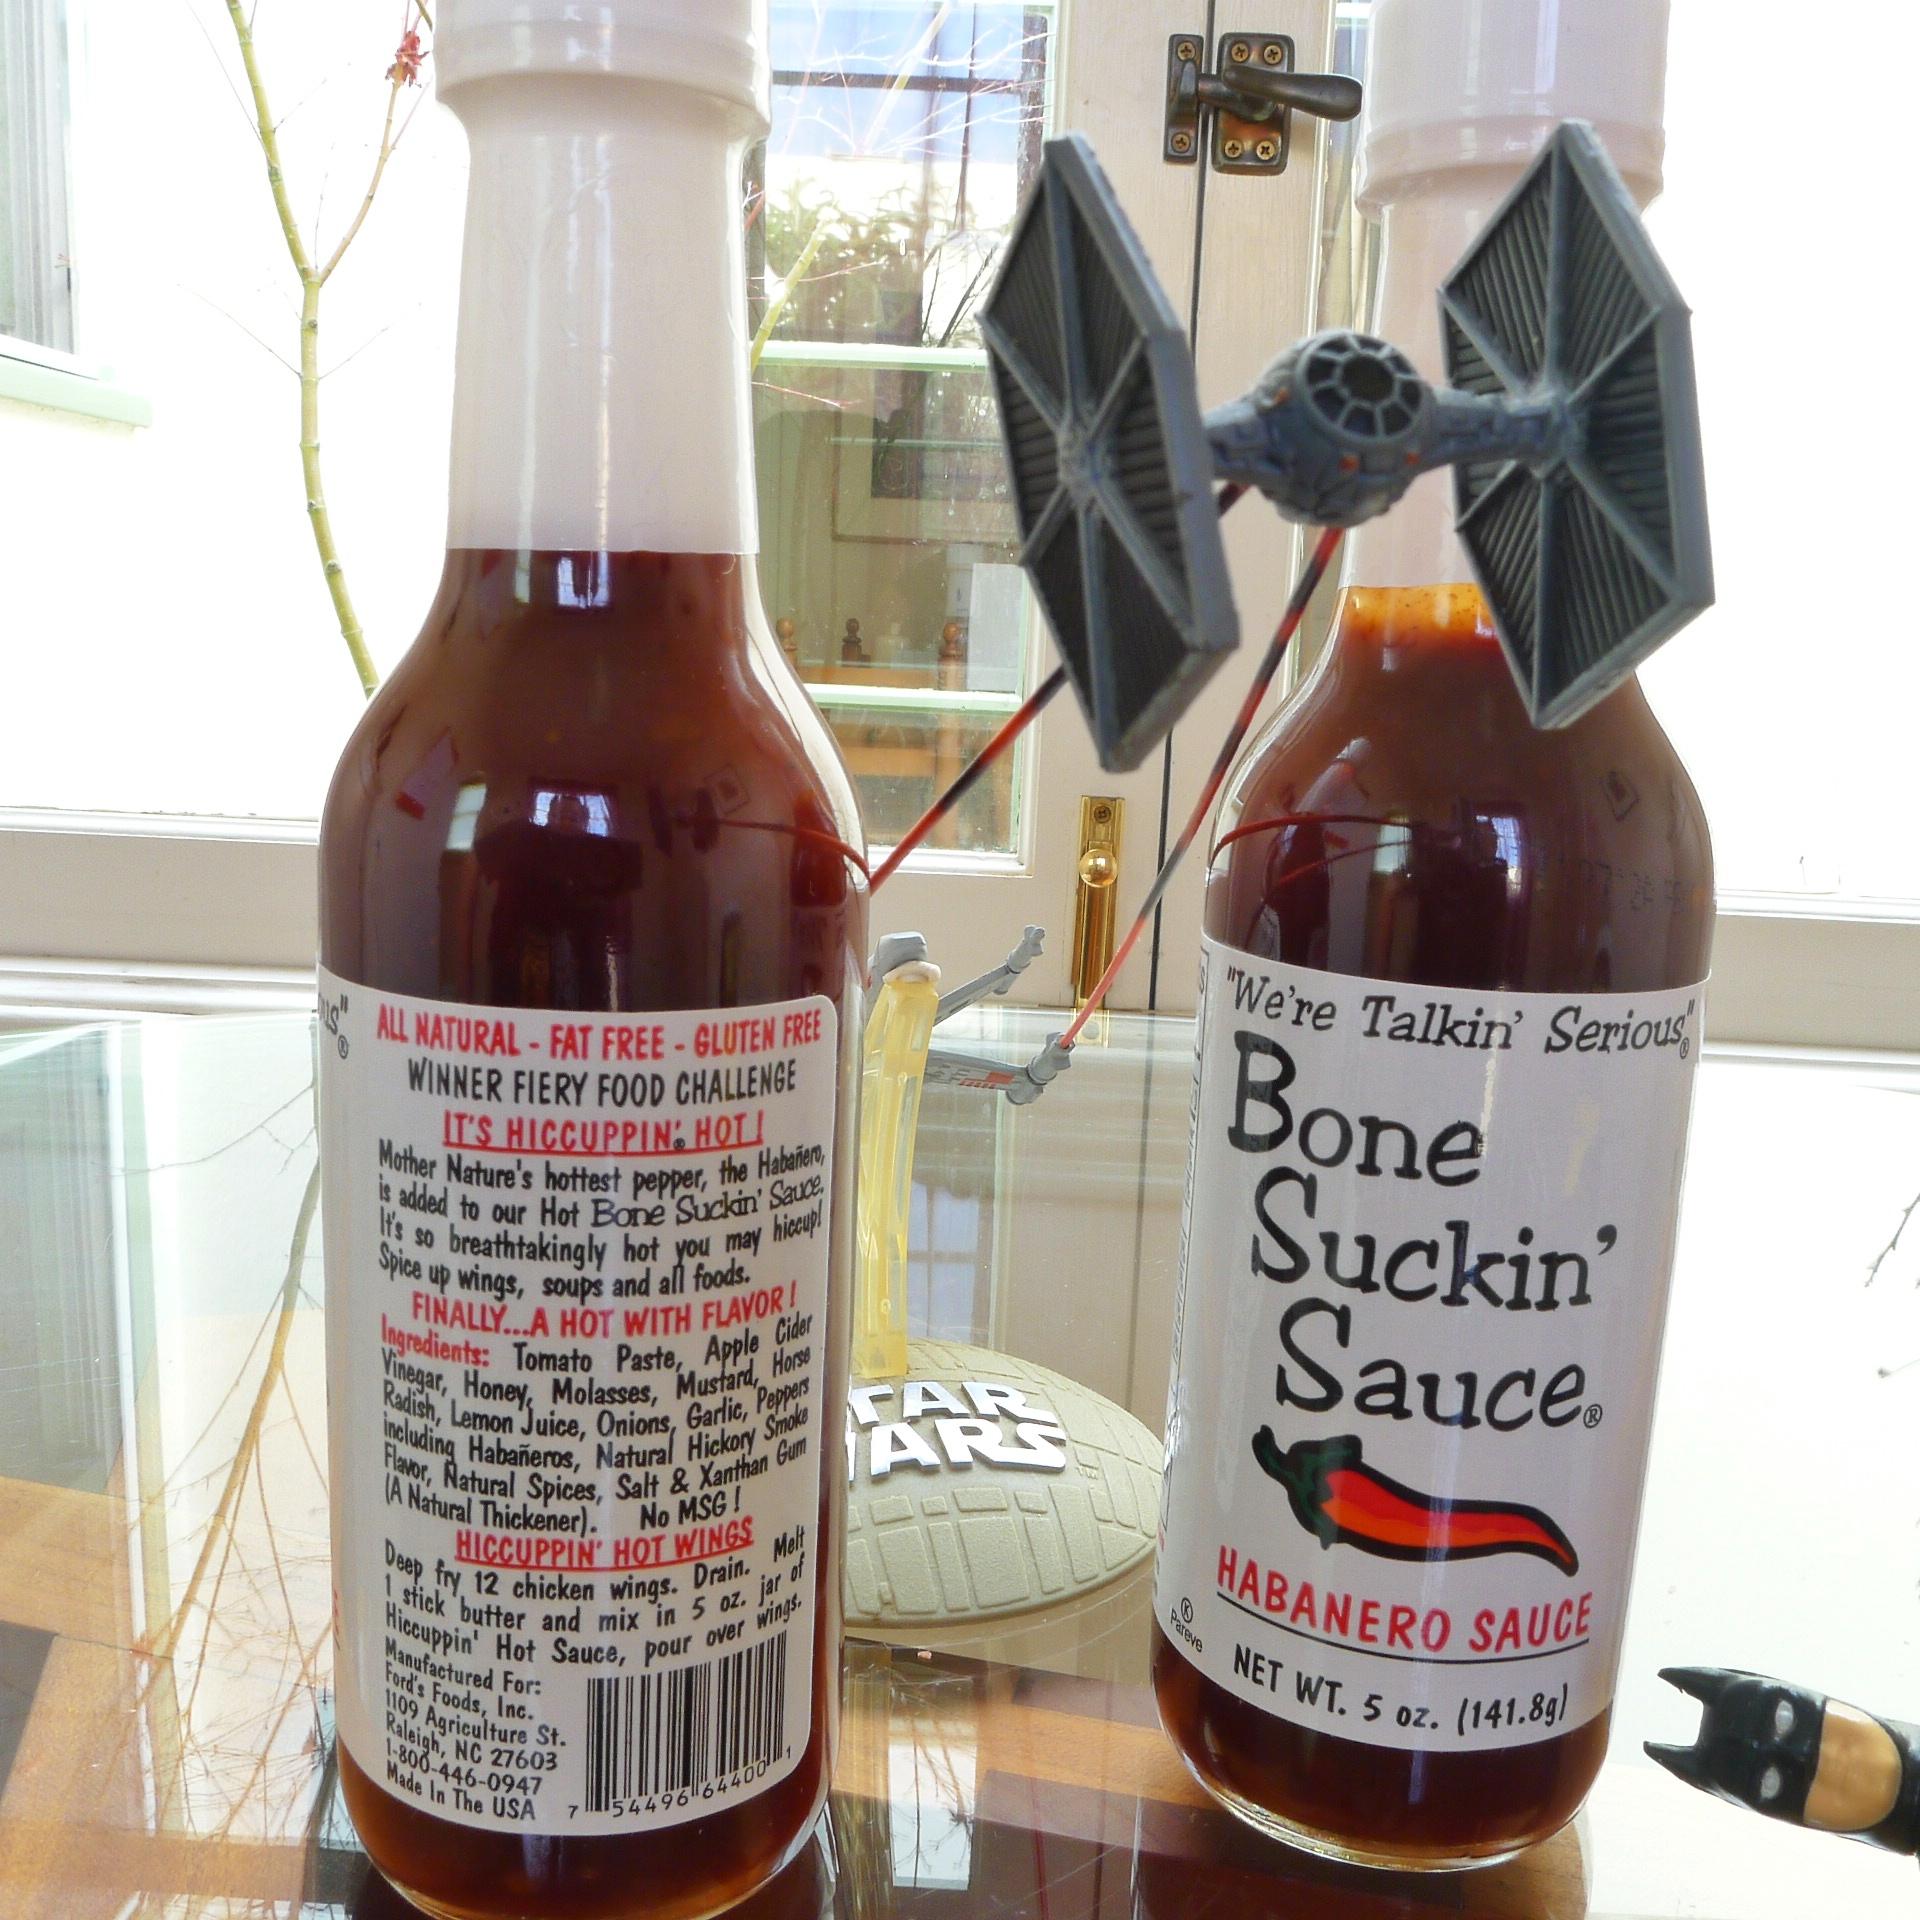 Bone_Suckin'Sauce